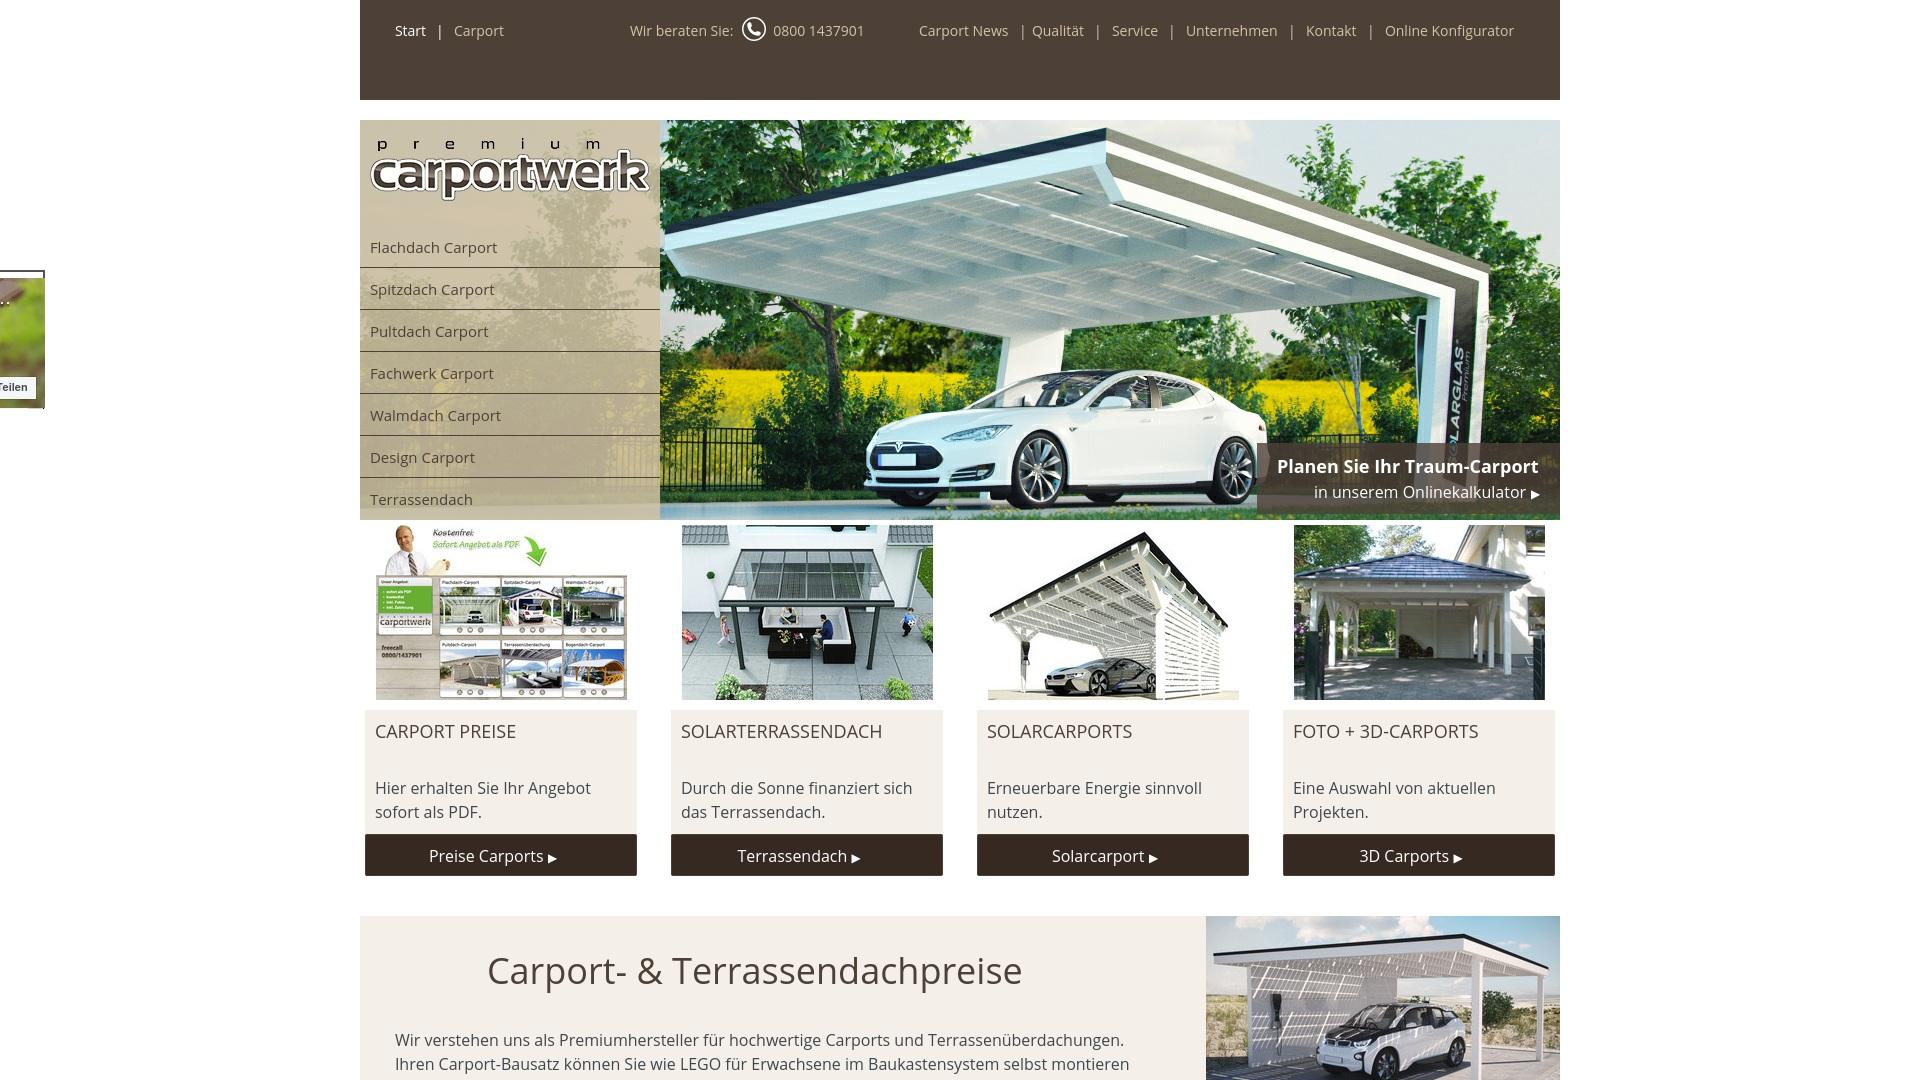 Gutschein für Carporte: Rabatte für  Carporte sichern